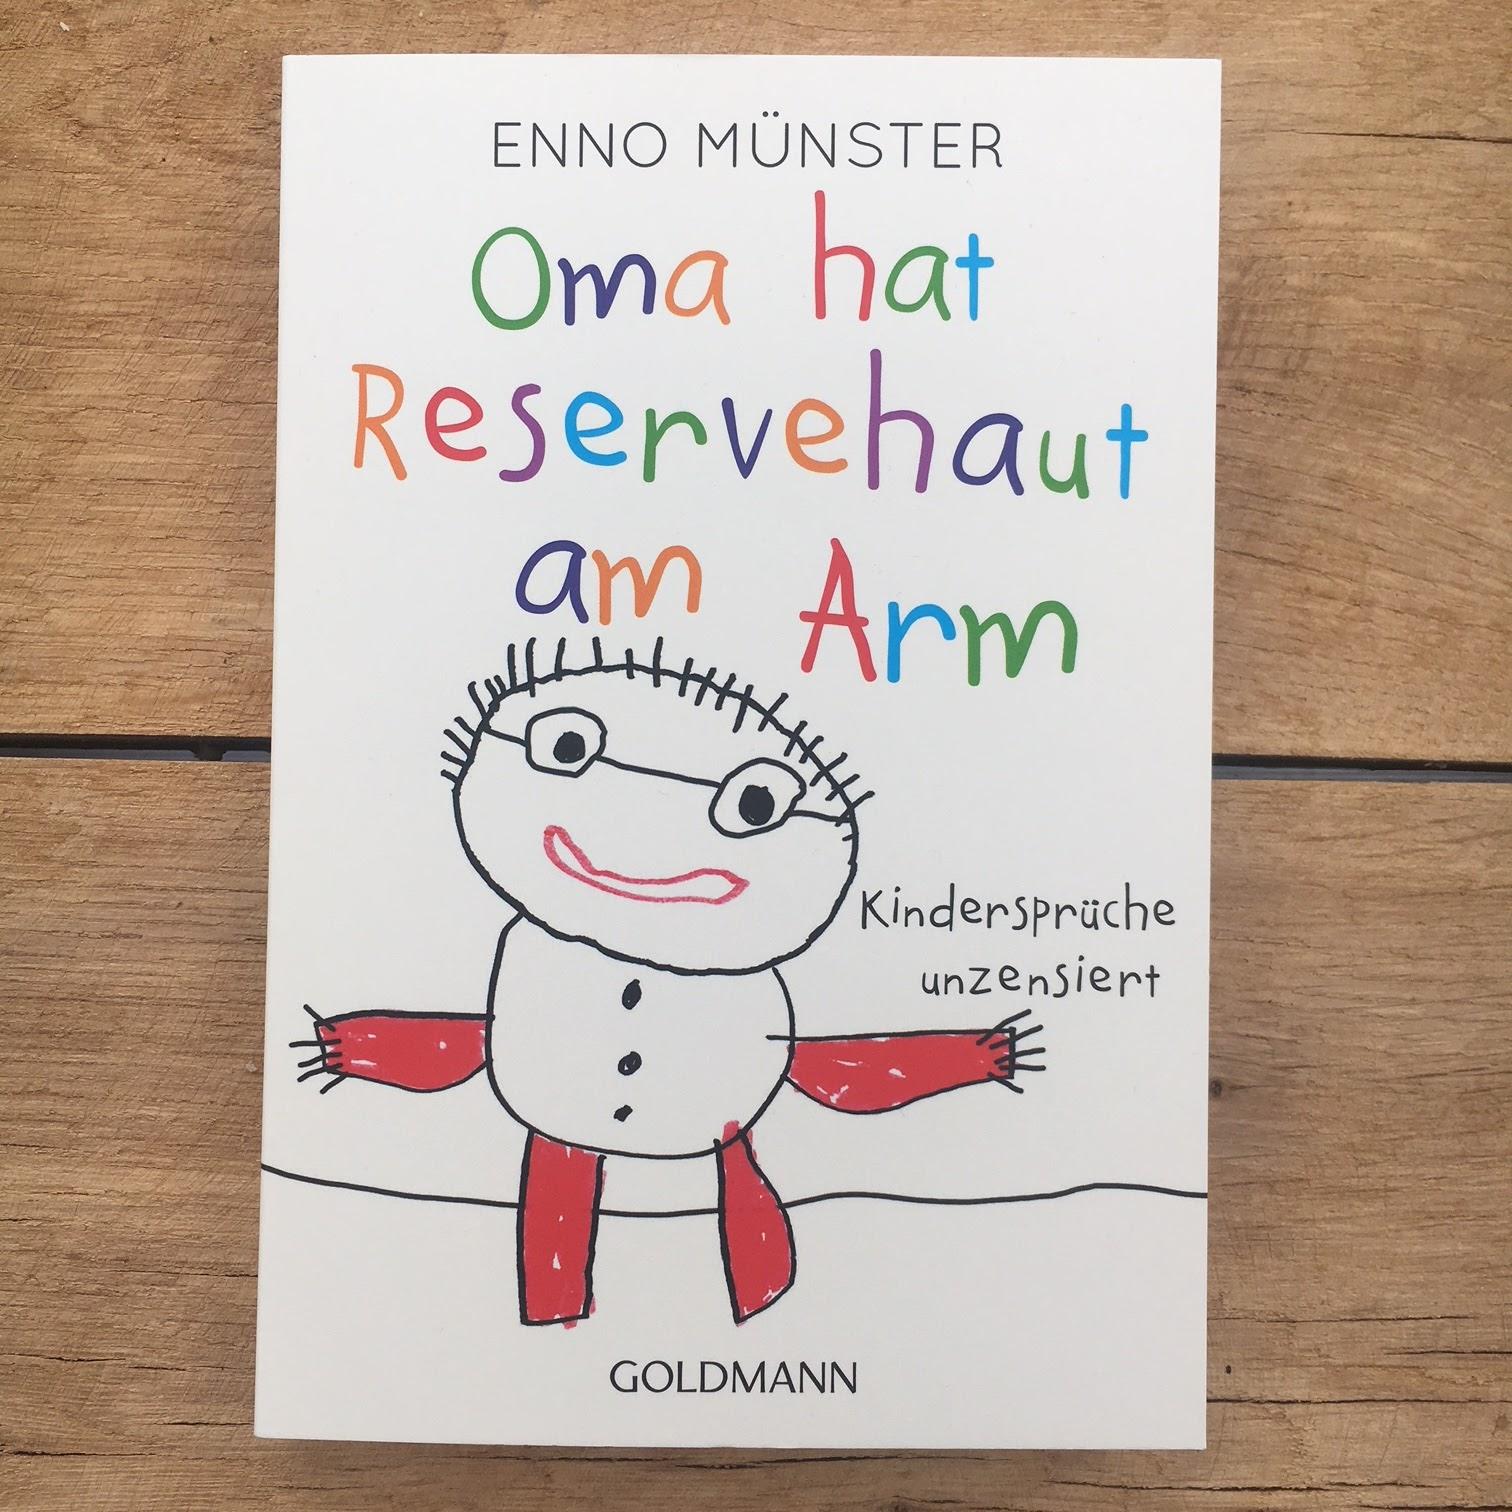 Beeindruckend Kindersprüche Lustig Ideen Von Ich Habe Nämlich In Enno Münsters Buch